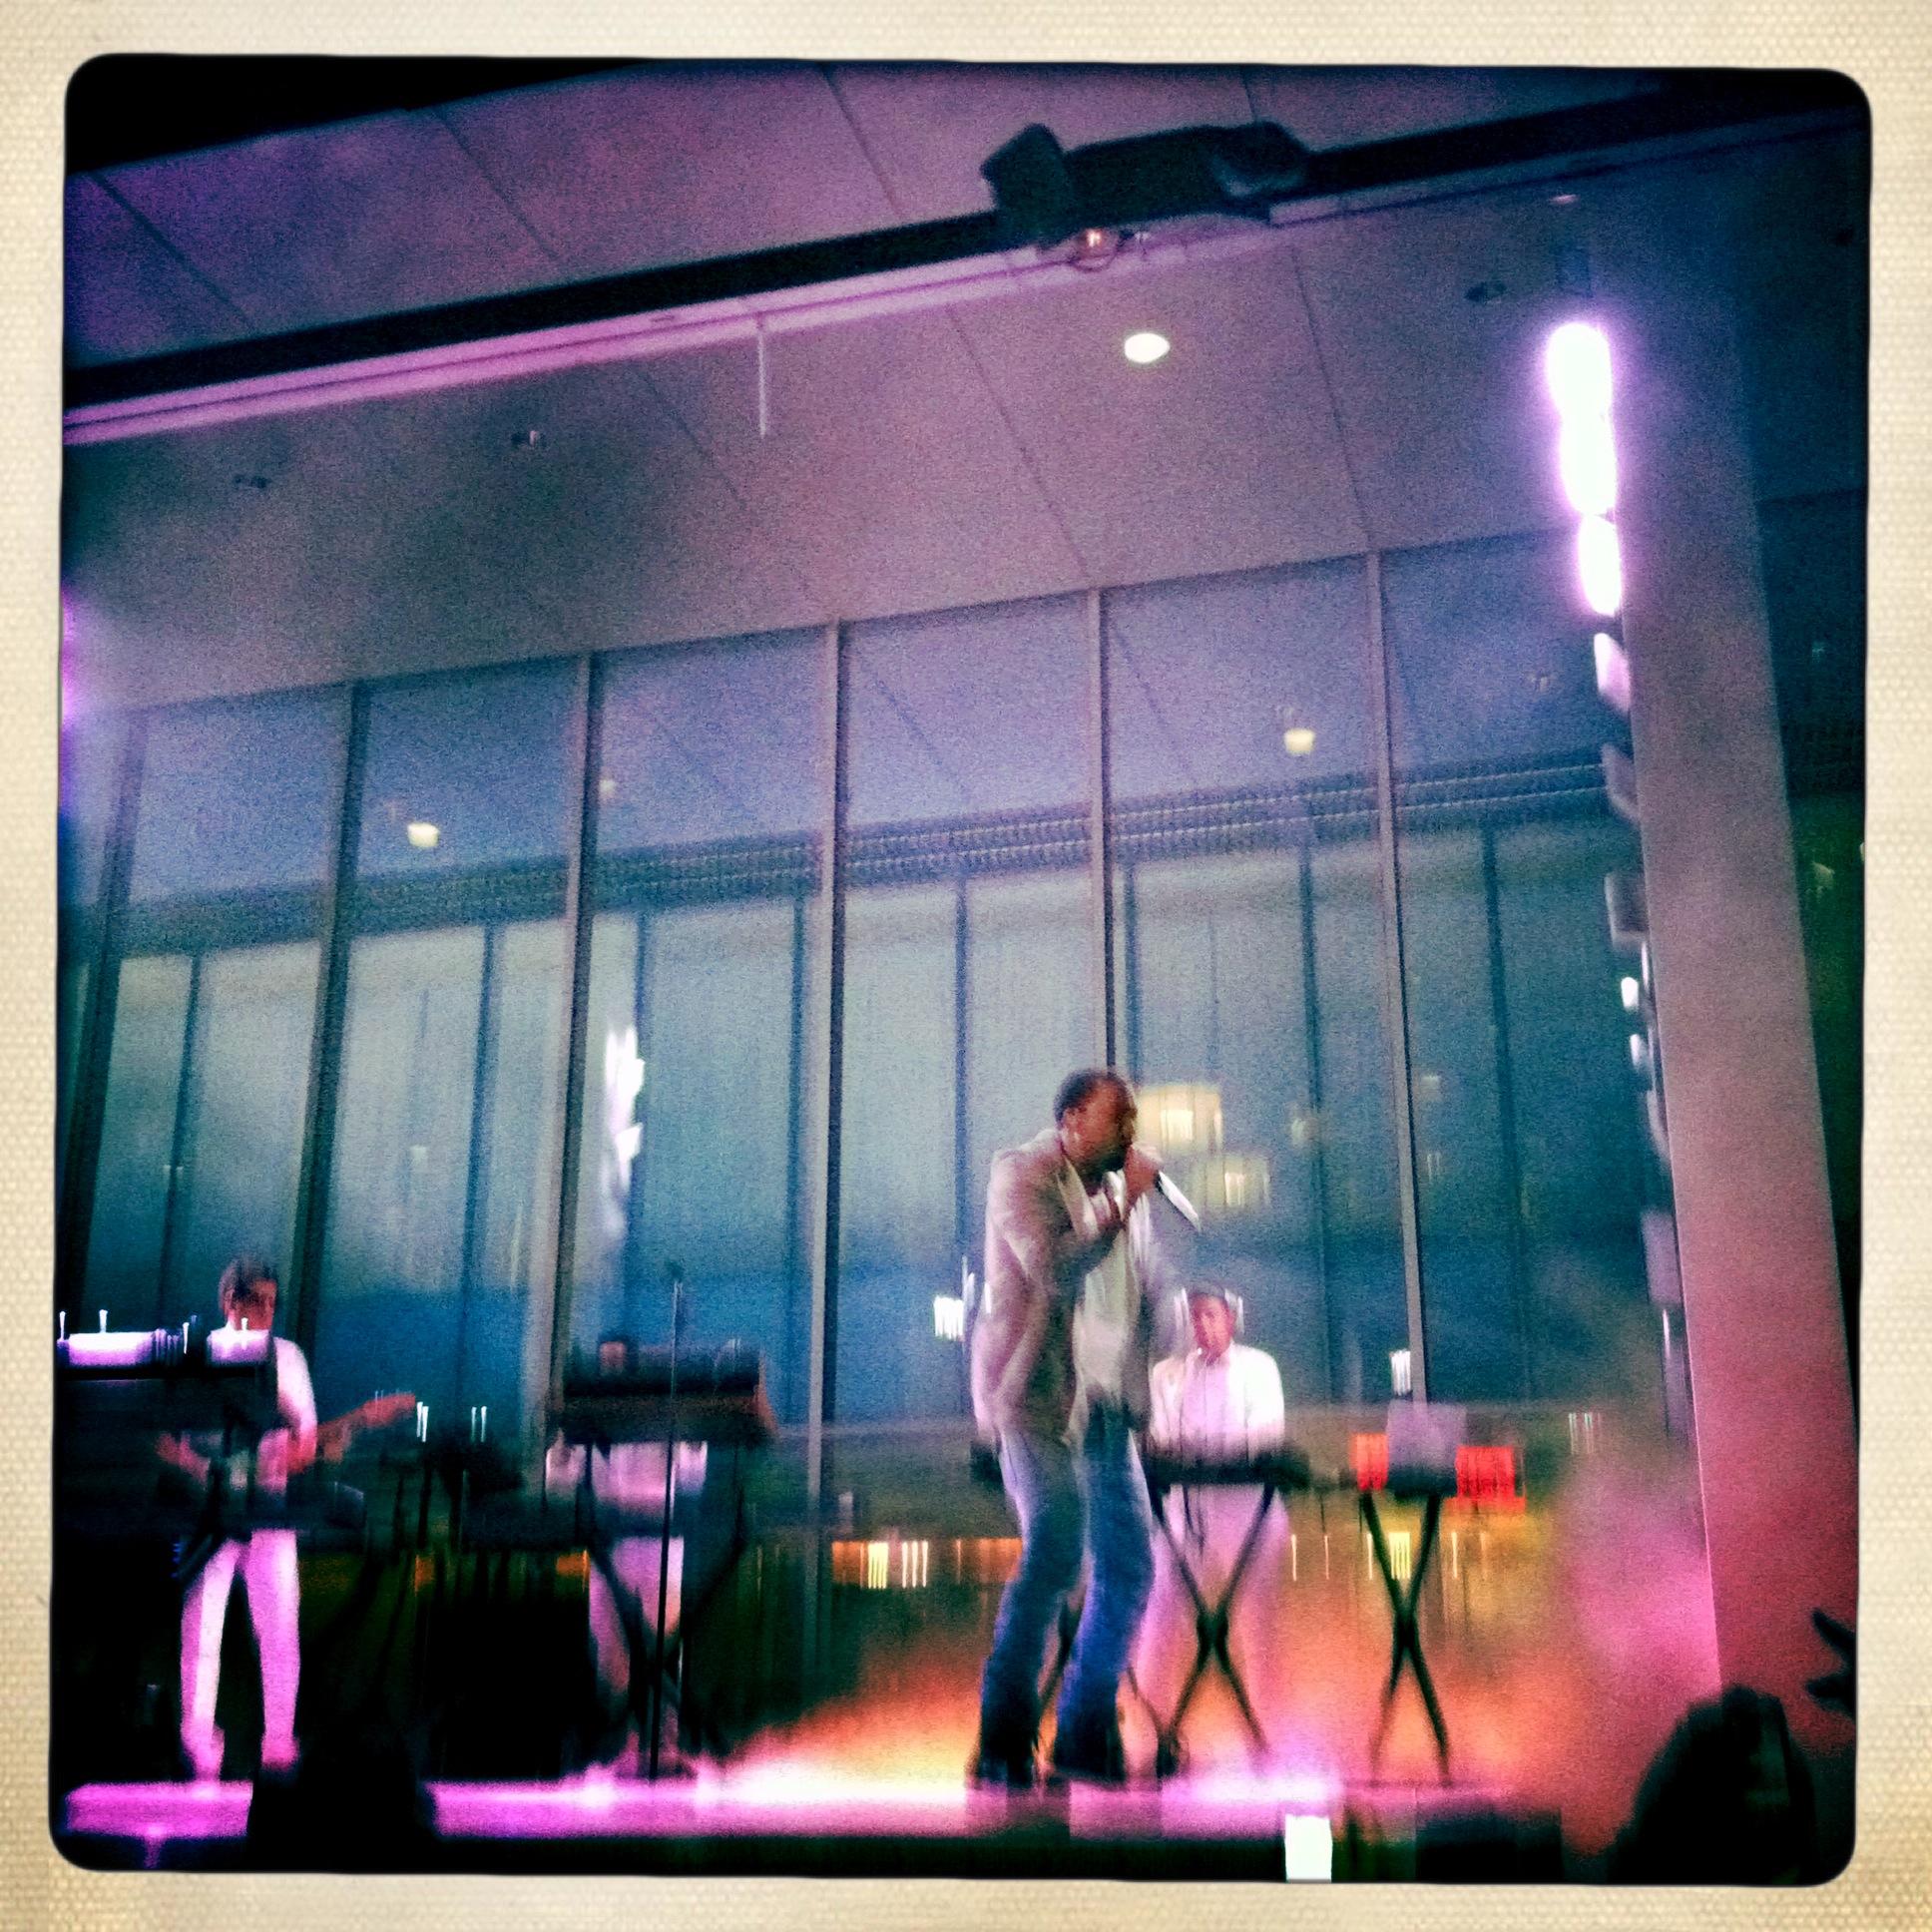 Kanye at MoMA